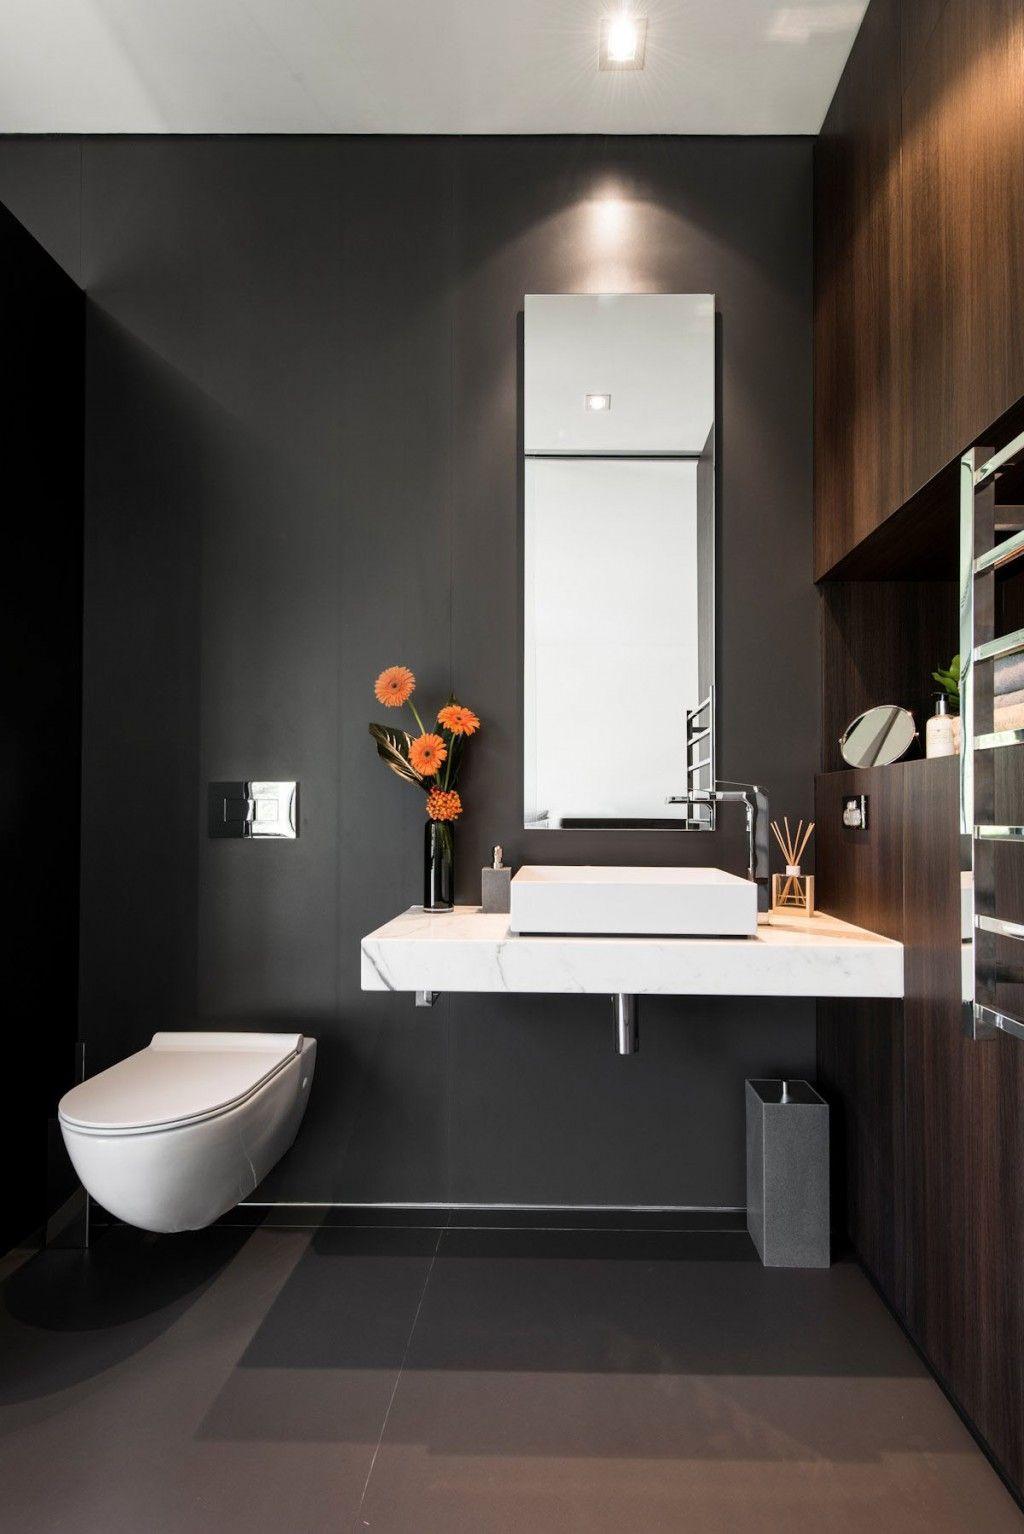 Architecture White Modern Toilet White Sink Bathroom